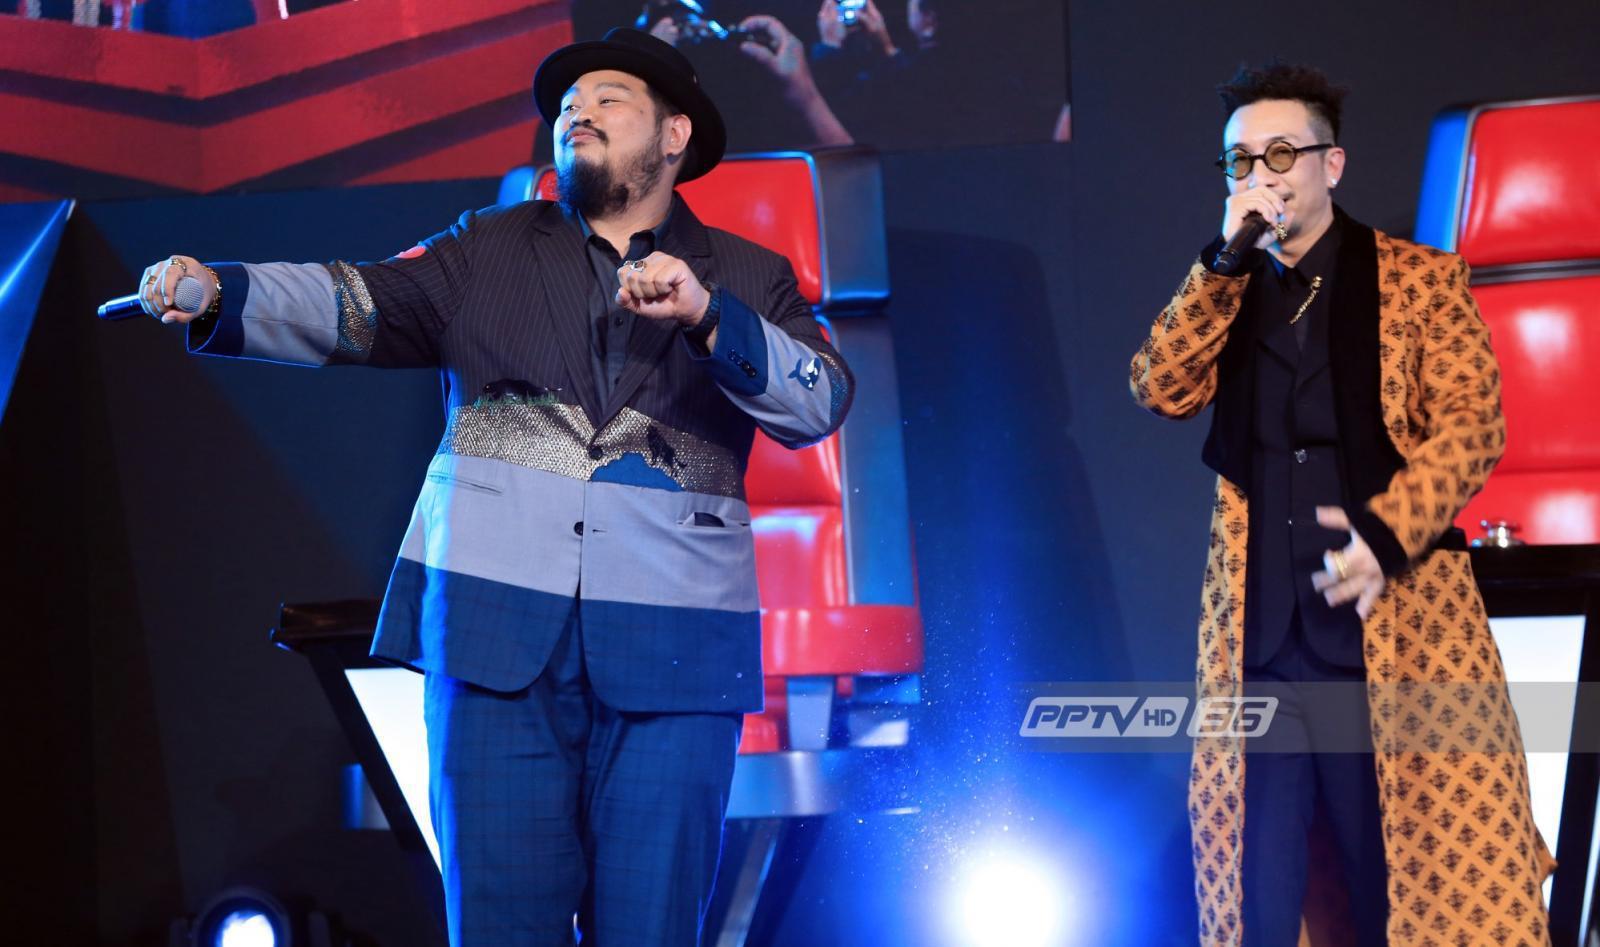 """เปิดประวัติโค้ช """"The Voice Thailand"""" เฟ้นหา เสียงจริง ตัวจริง"""